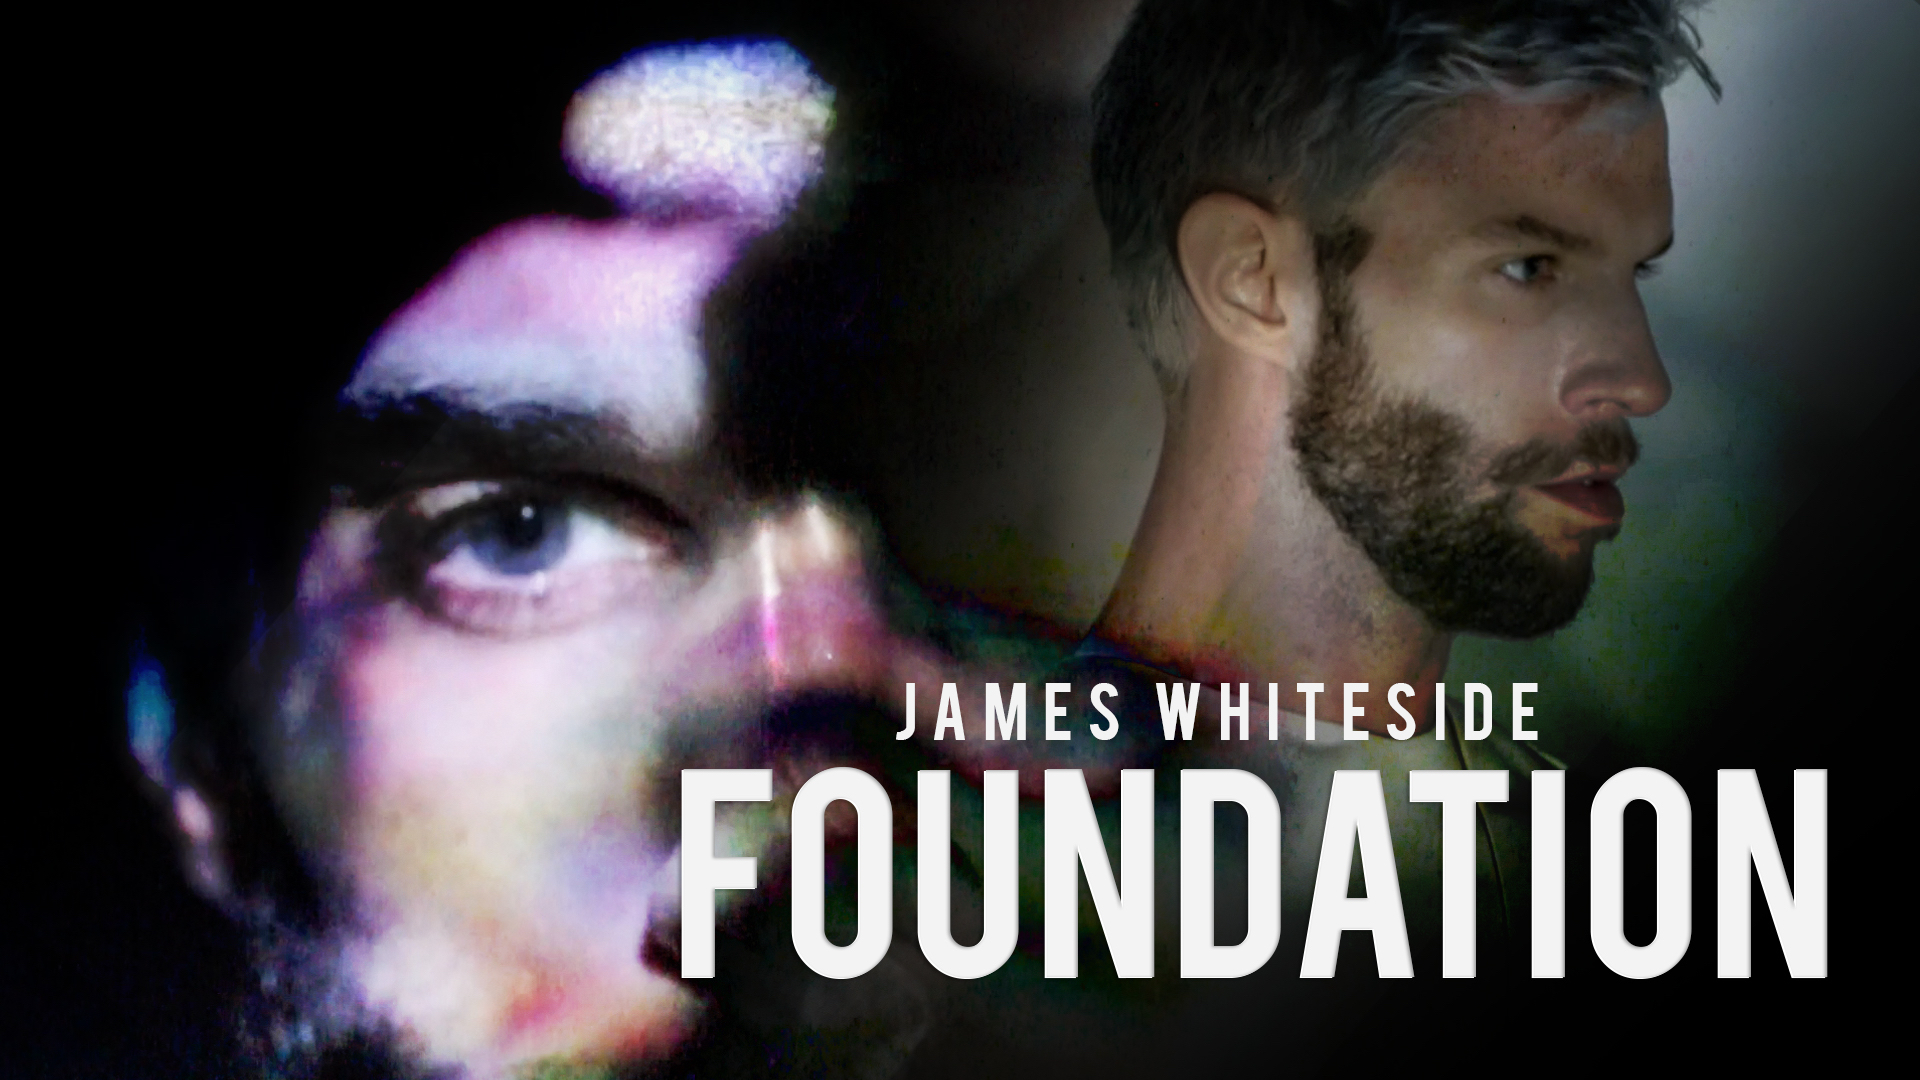 Foundation James Whiteside